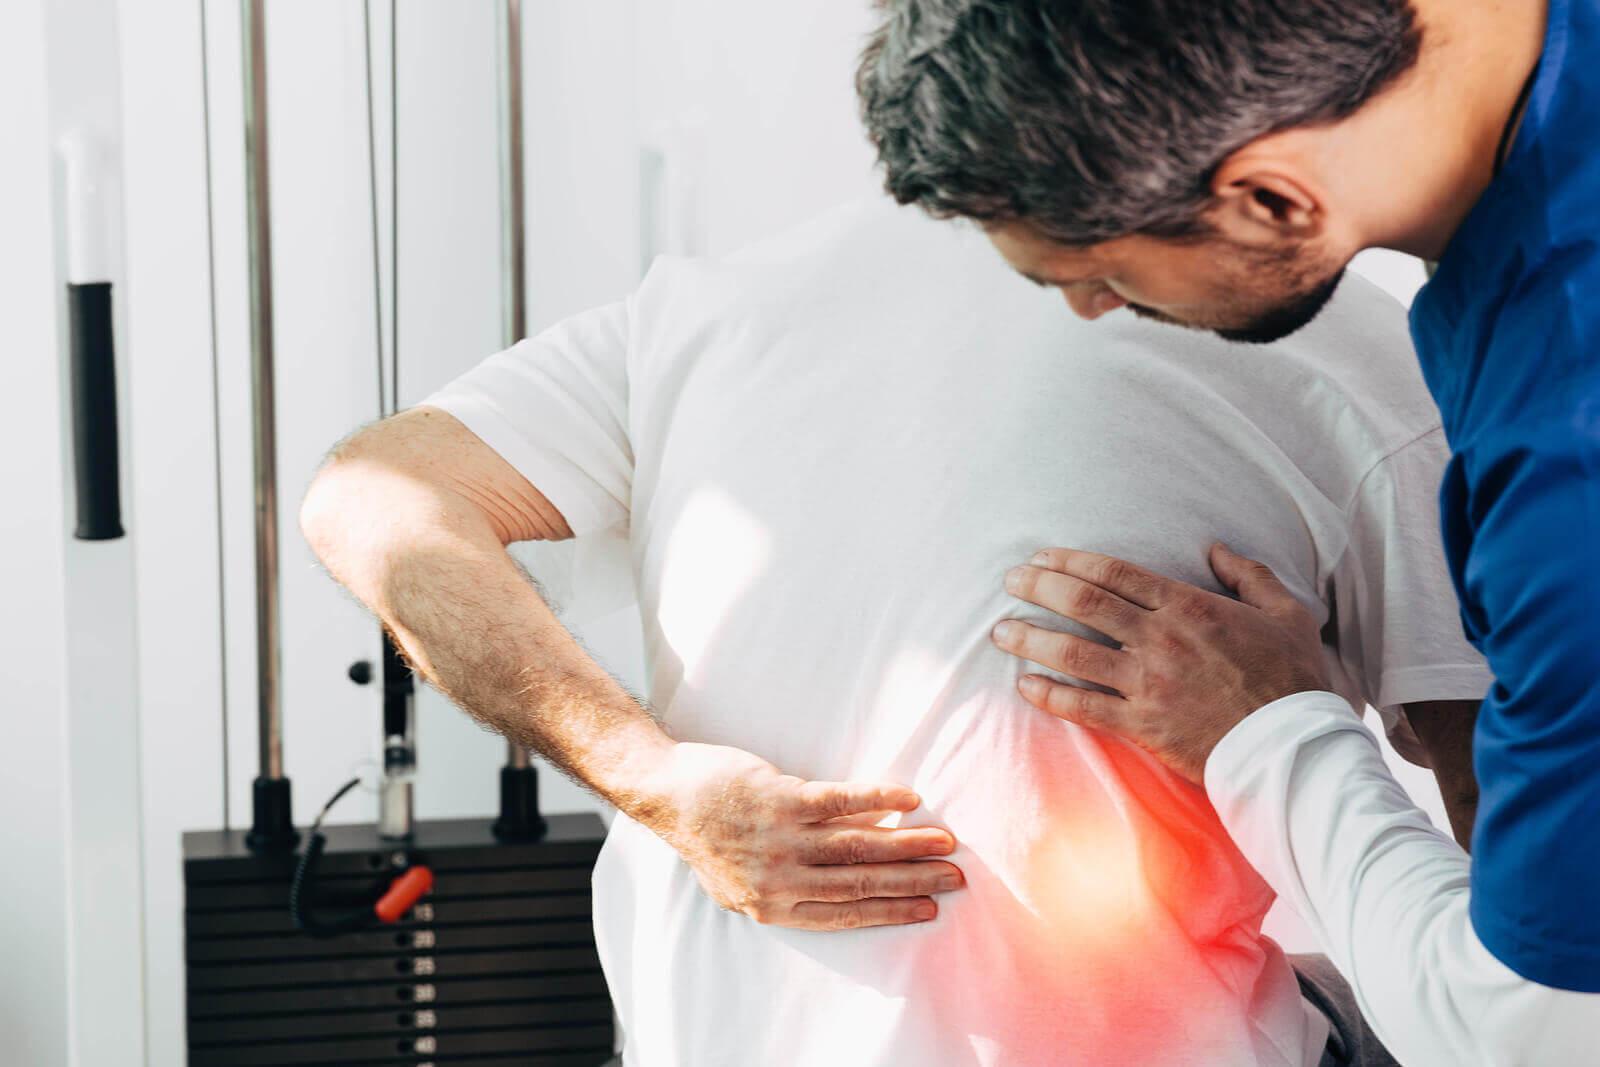 Paciente con dolor de espalda en la zona lumbar.